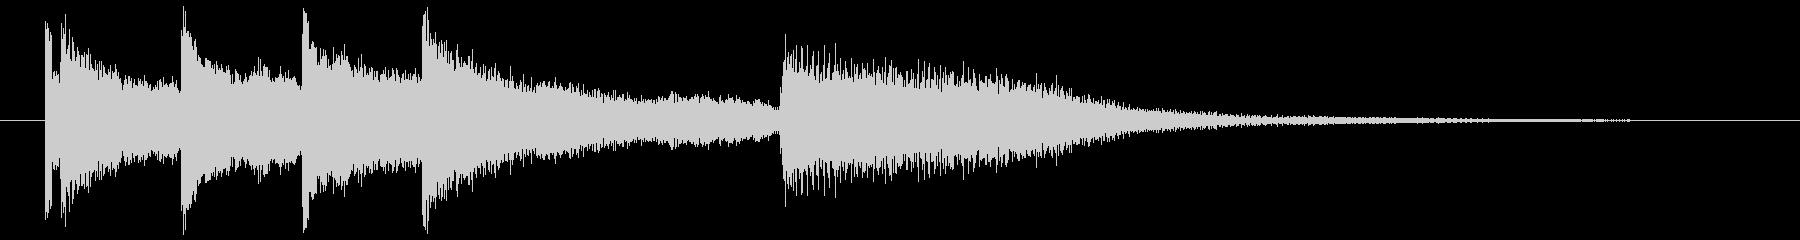 ピアノ ジングル 場面転換 2の未再生の波形